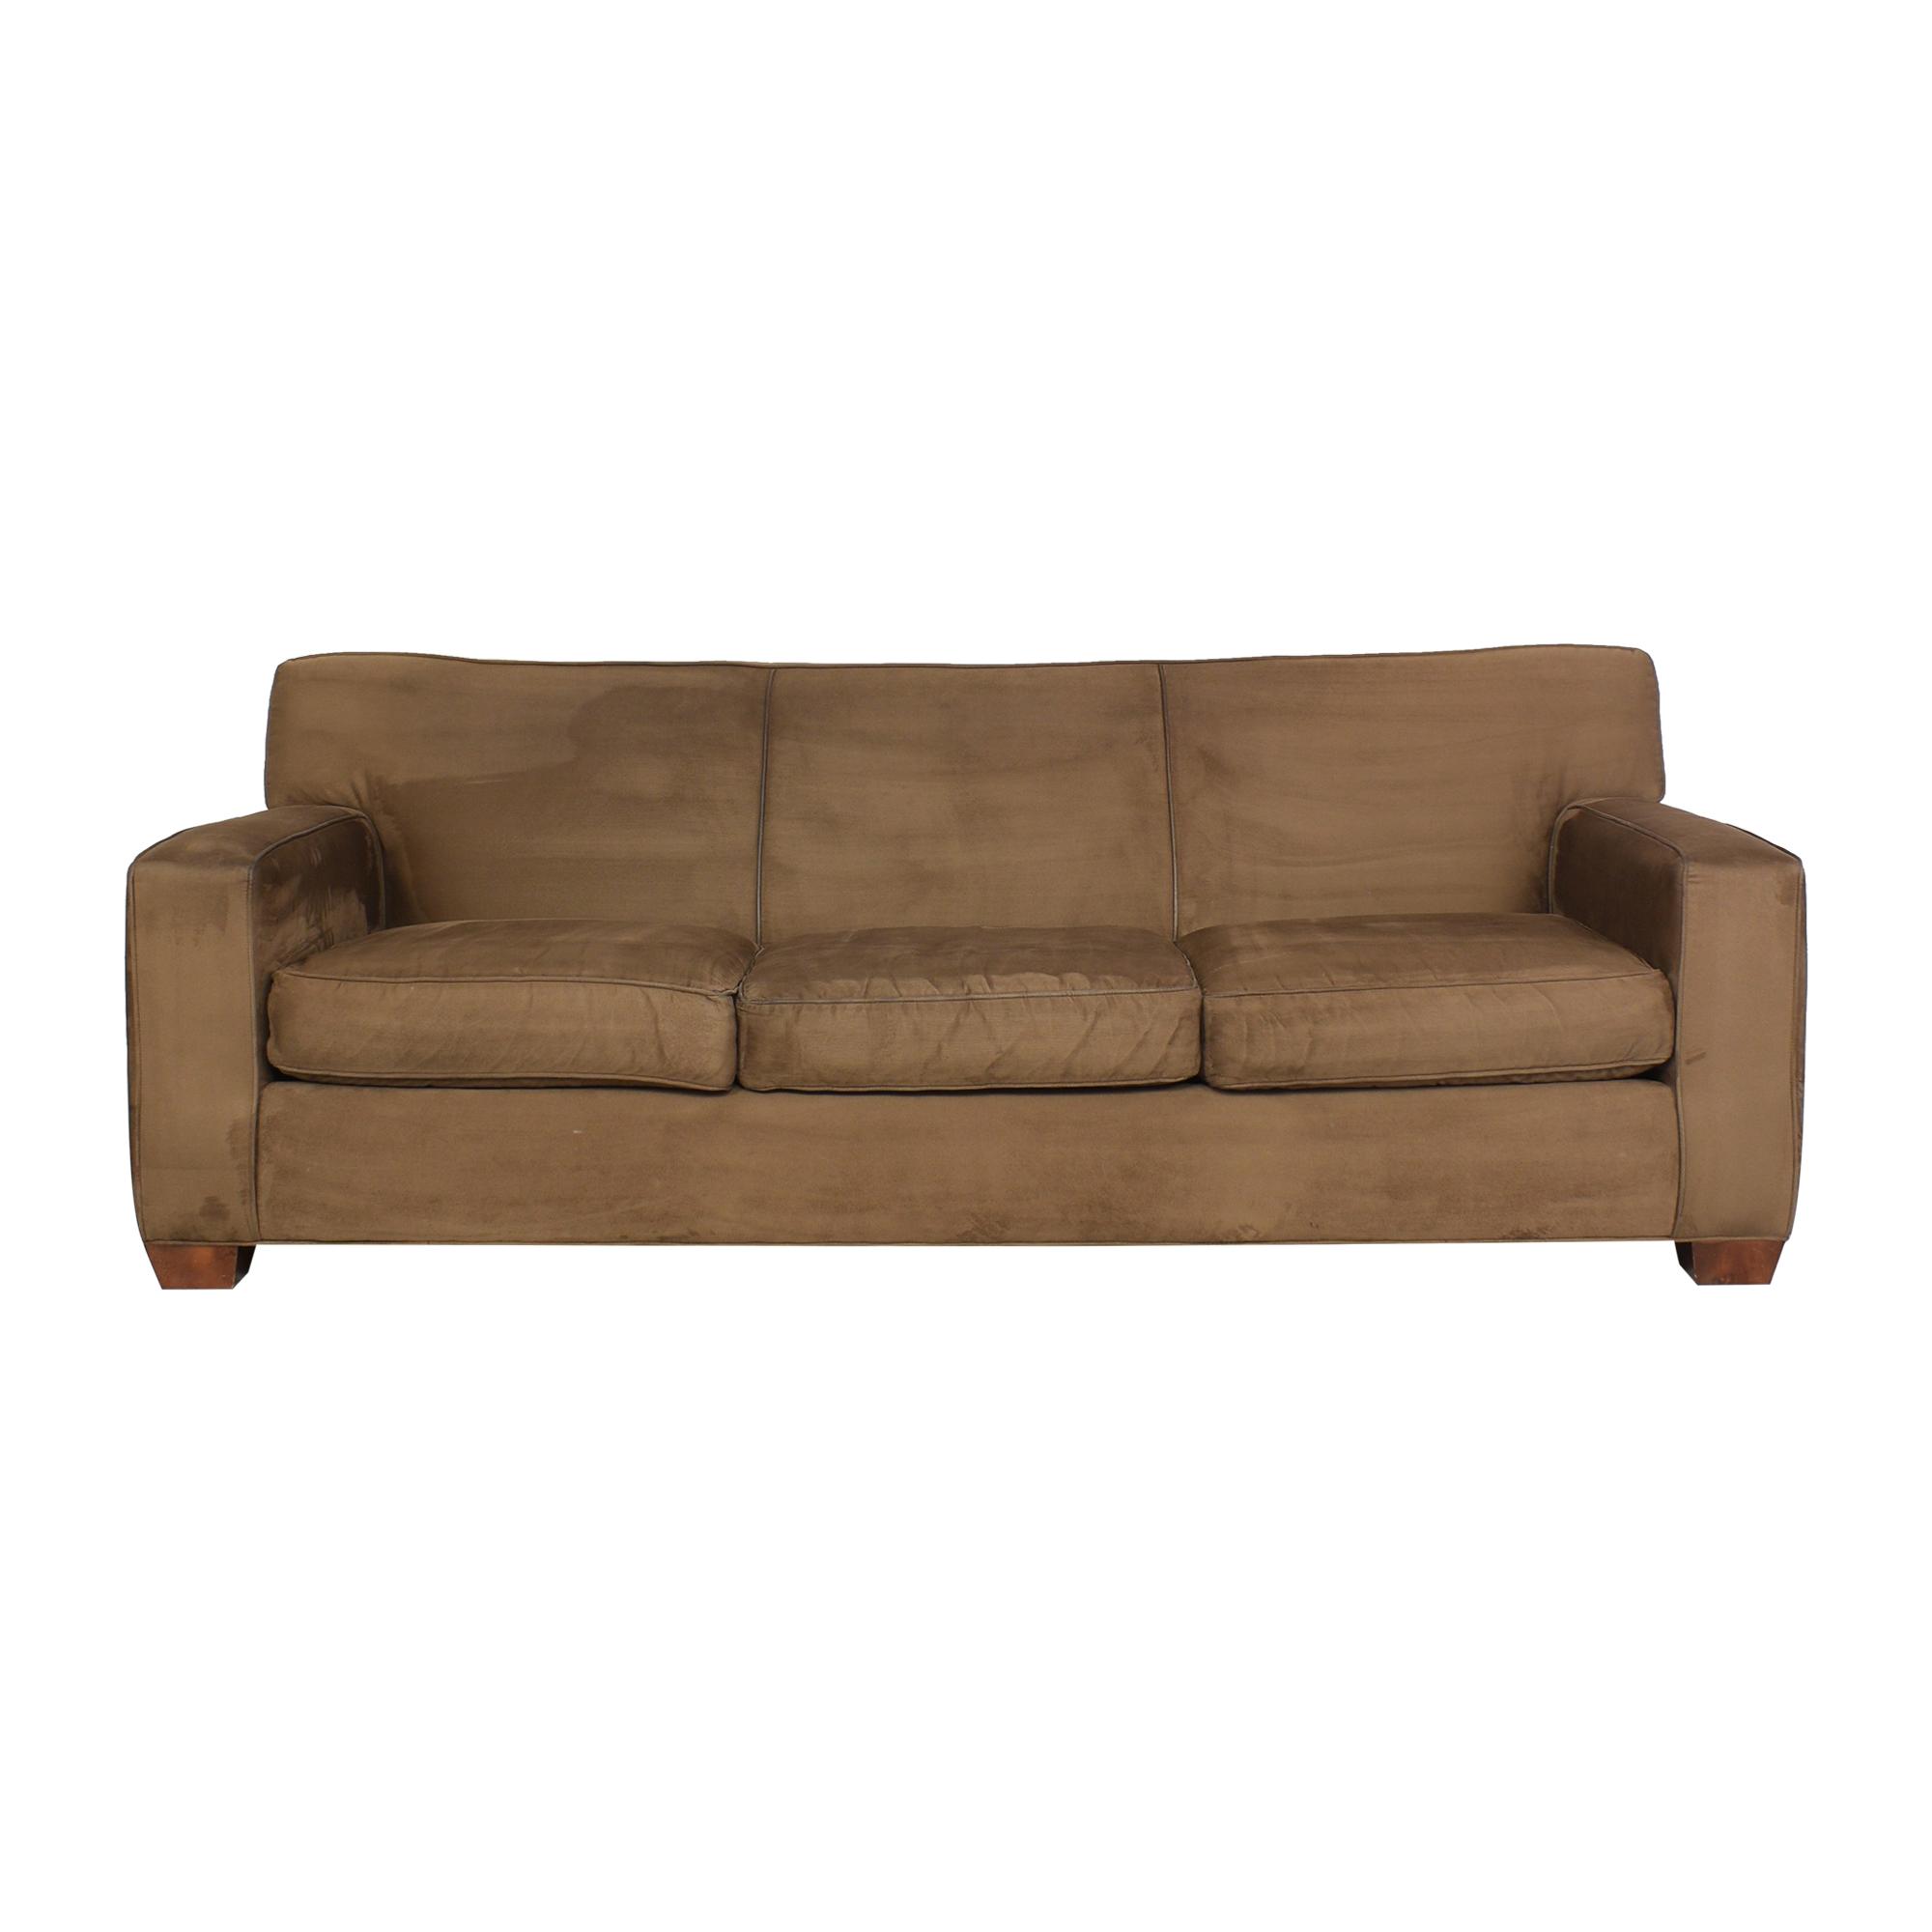 Crate & Barrel Crate & Barrel Three Cushion Sofa Sofas